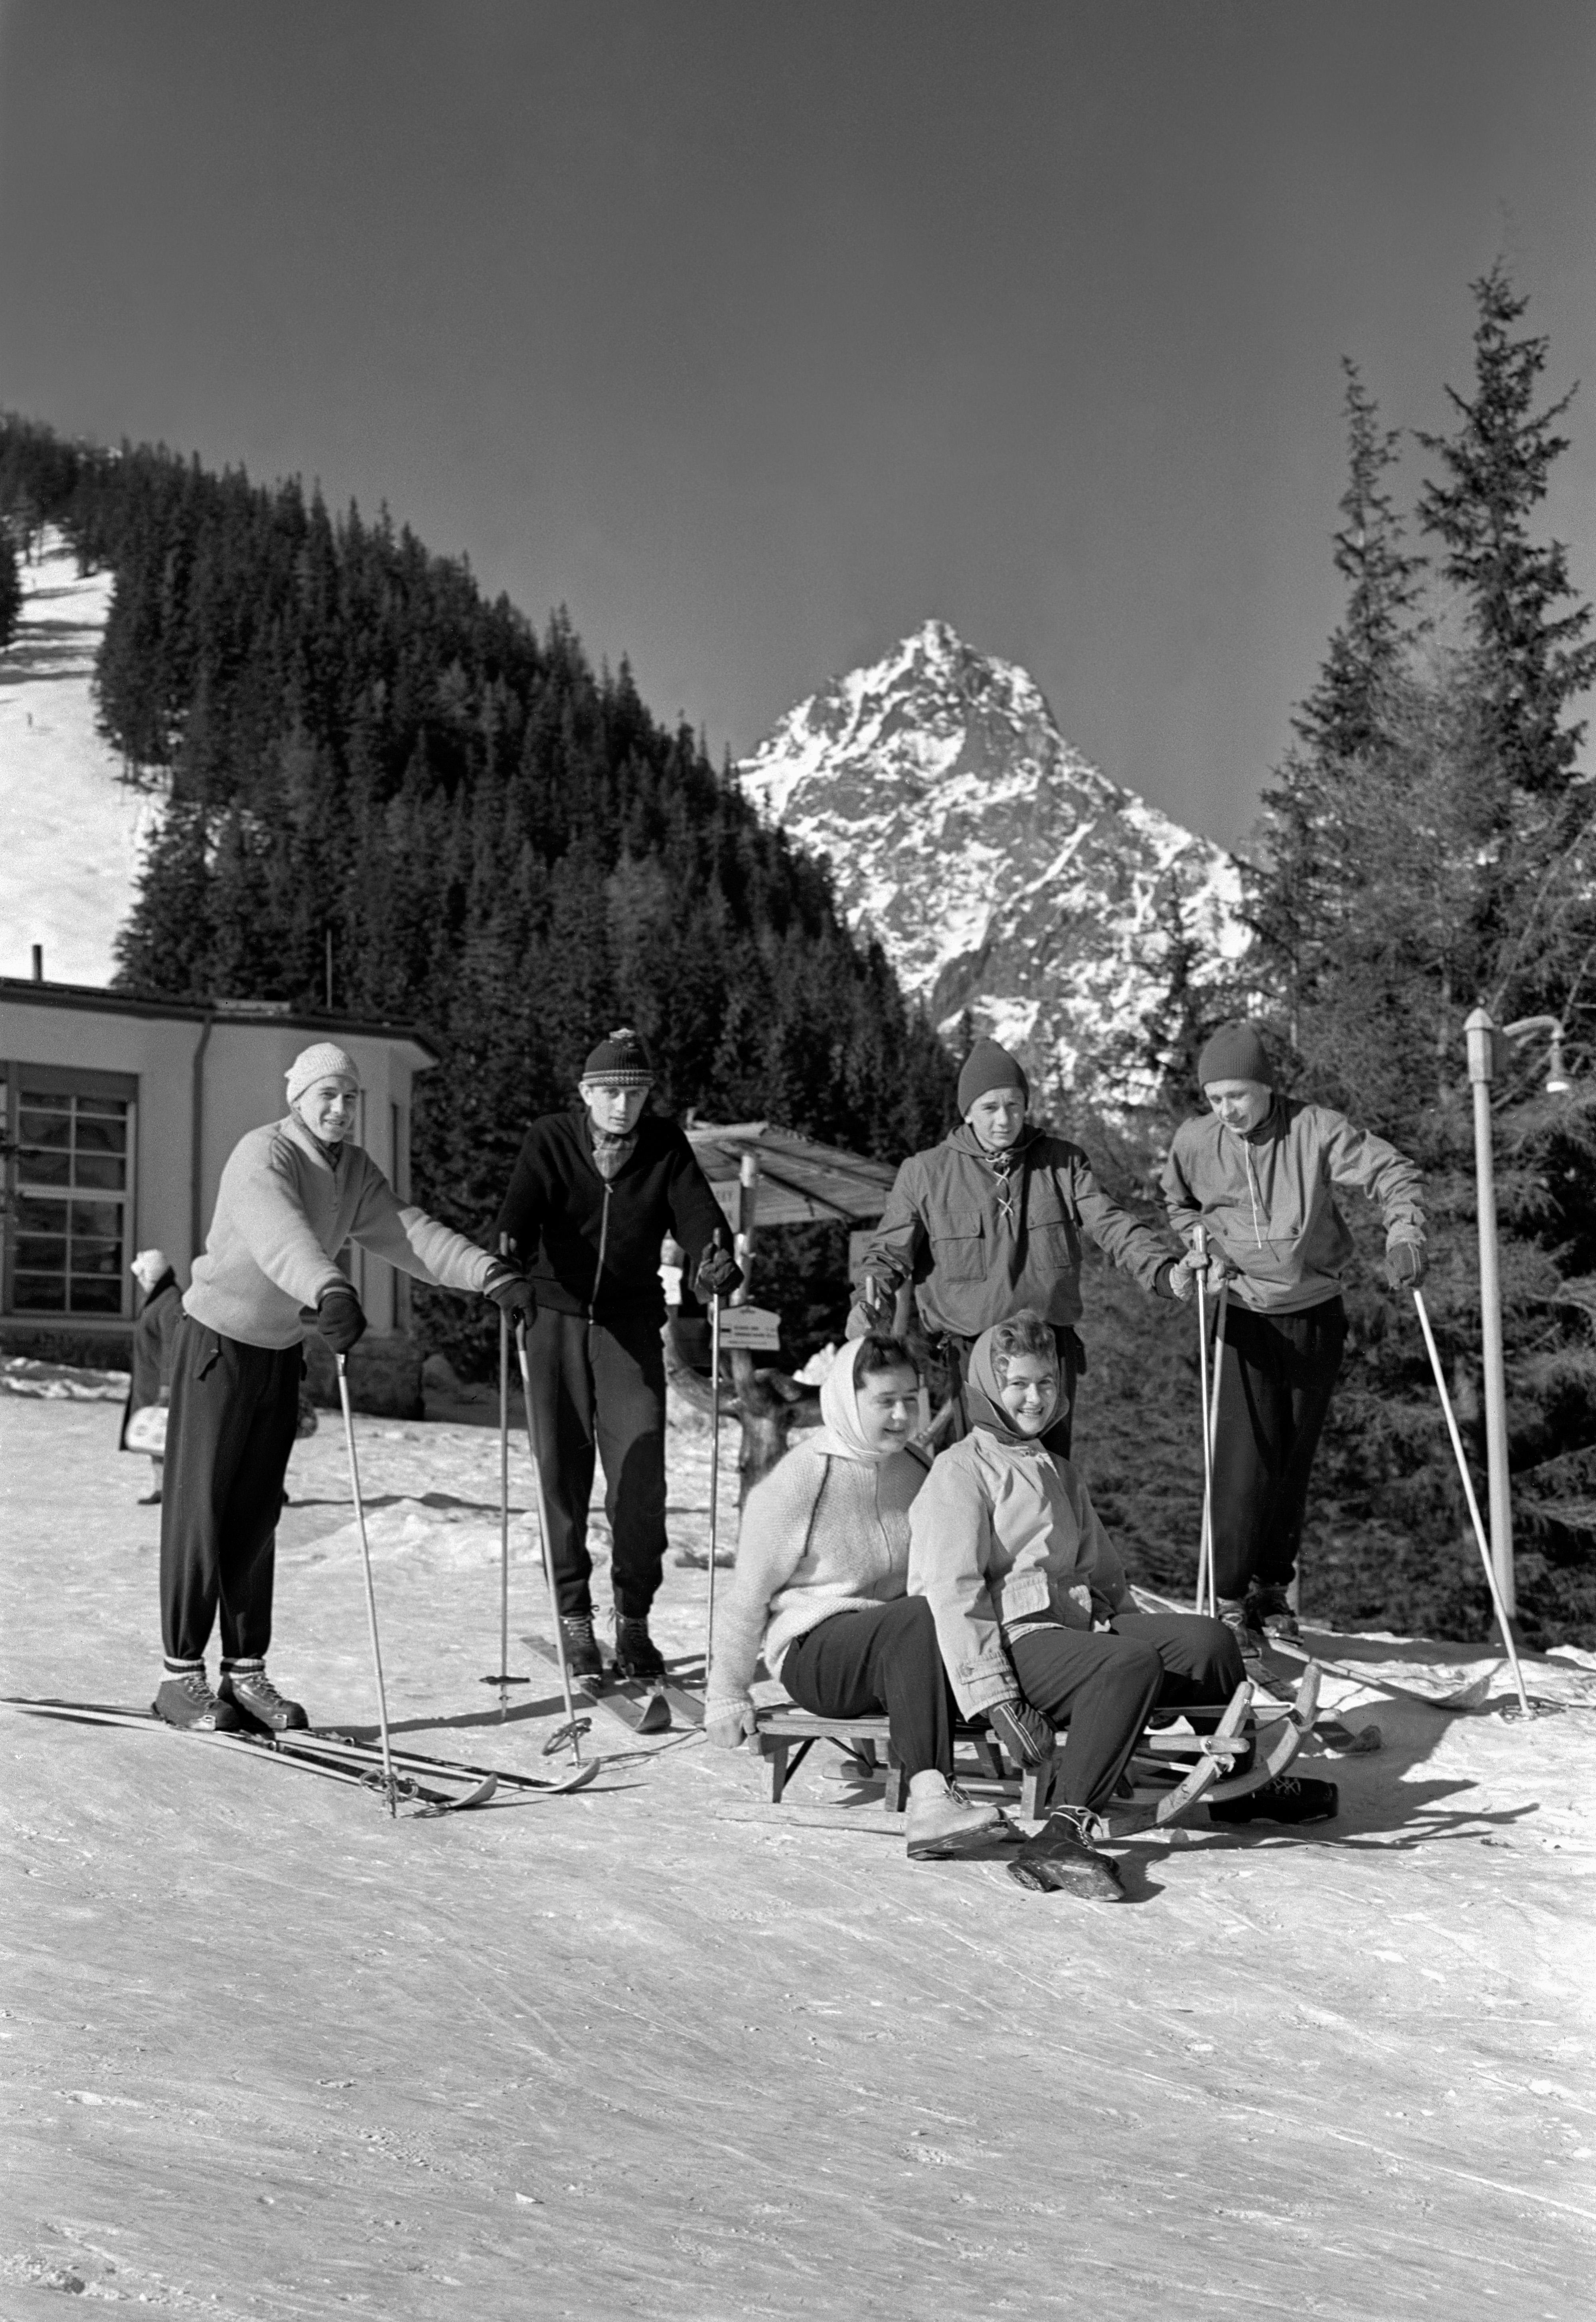 Na archívnej snímke z 25. februára 1960 zimná rekreácia ROH vo Vysokých Tatrách.